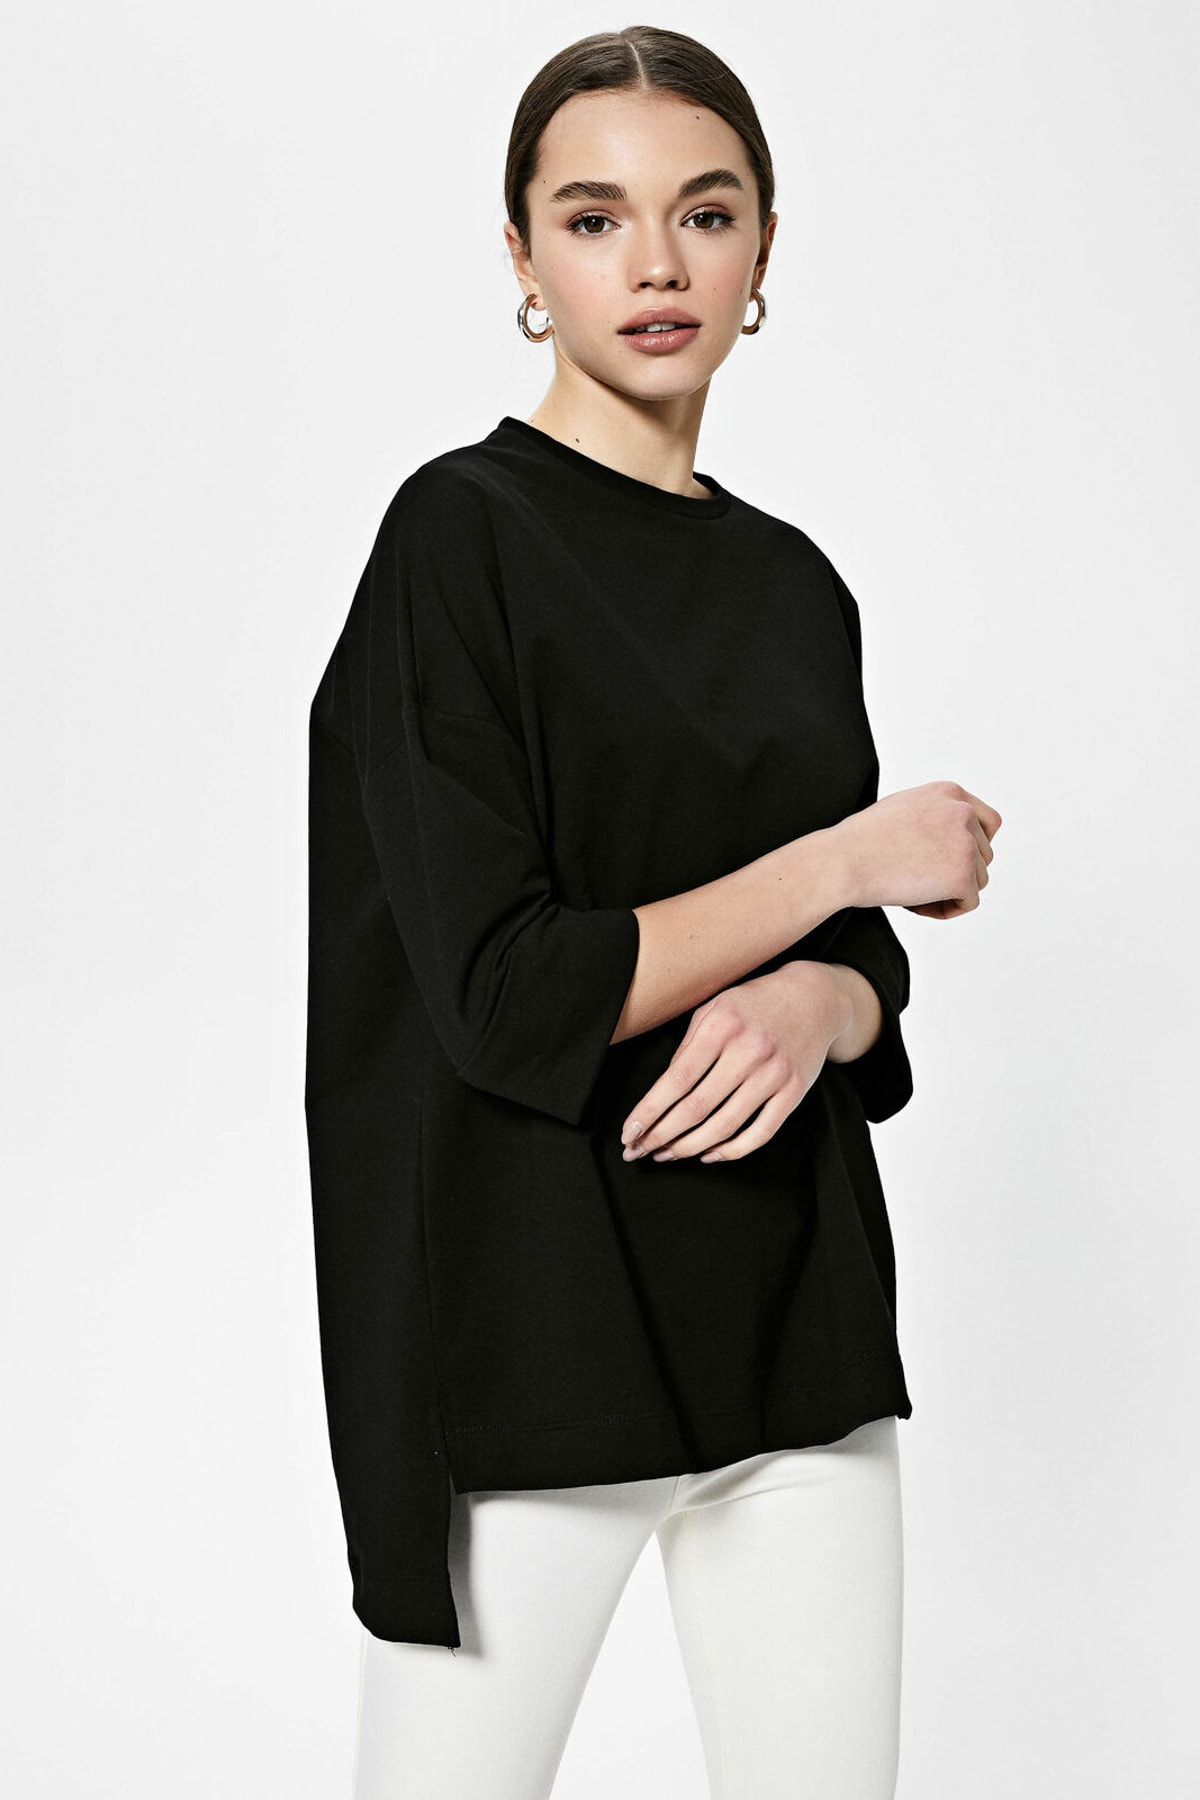 LC Waikiki Kadın Yeni Siyah Sweatshirt 1